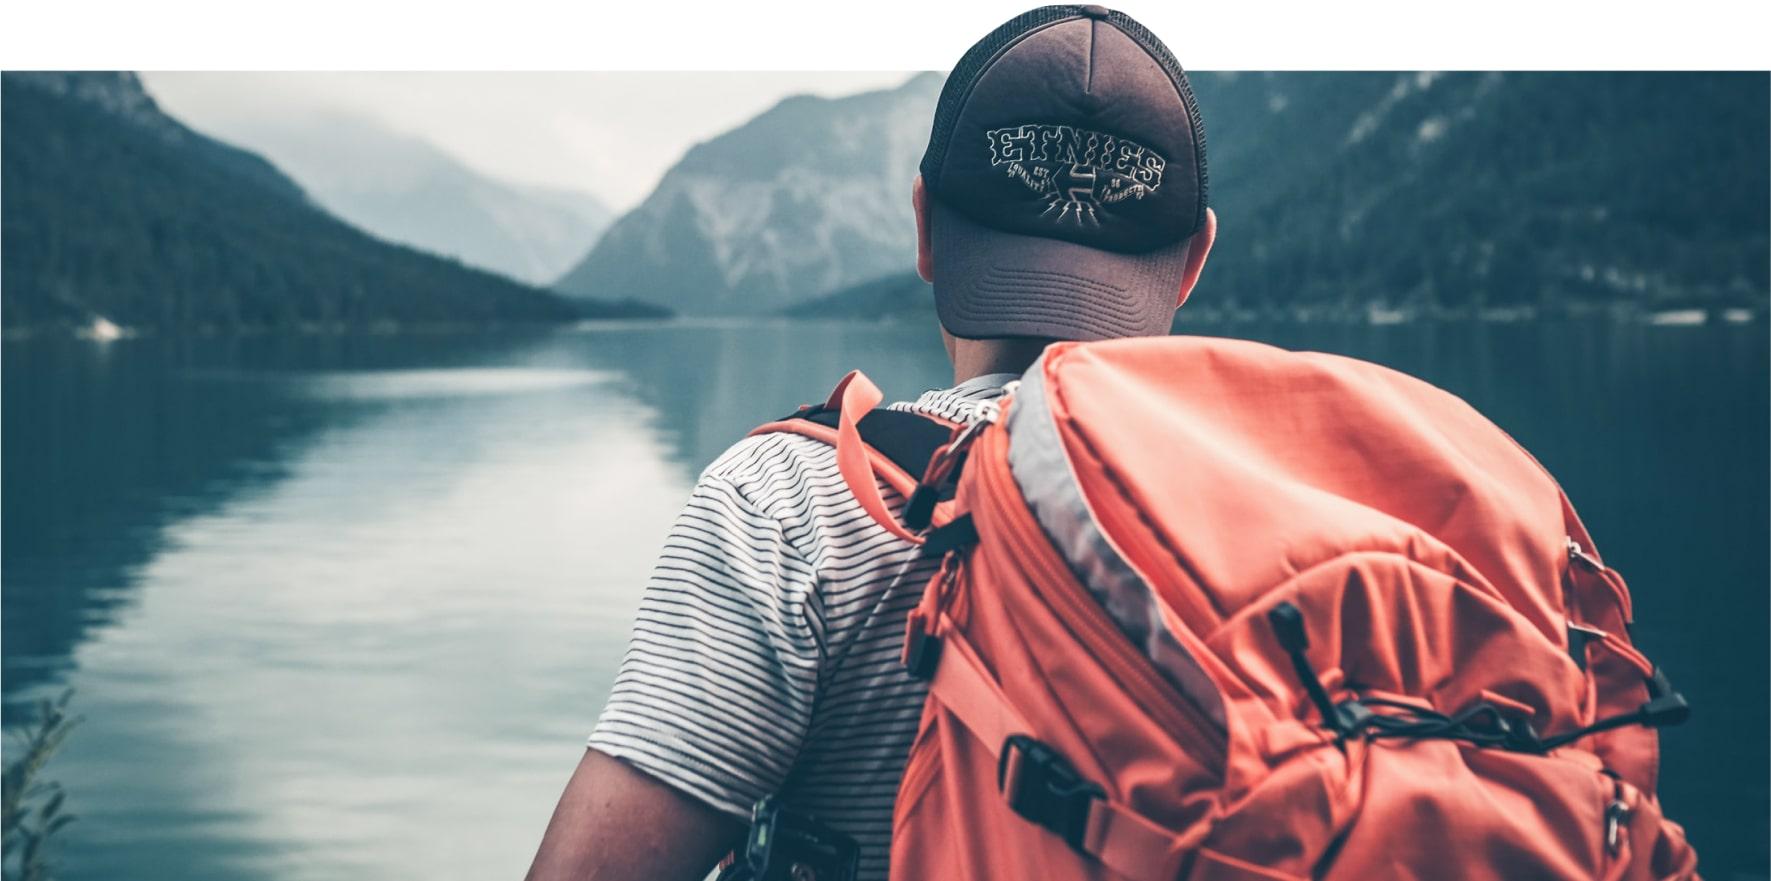 турист на берегу озера фото